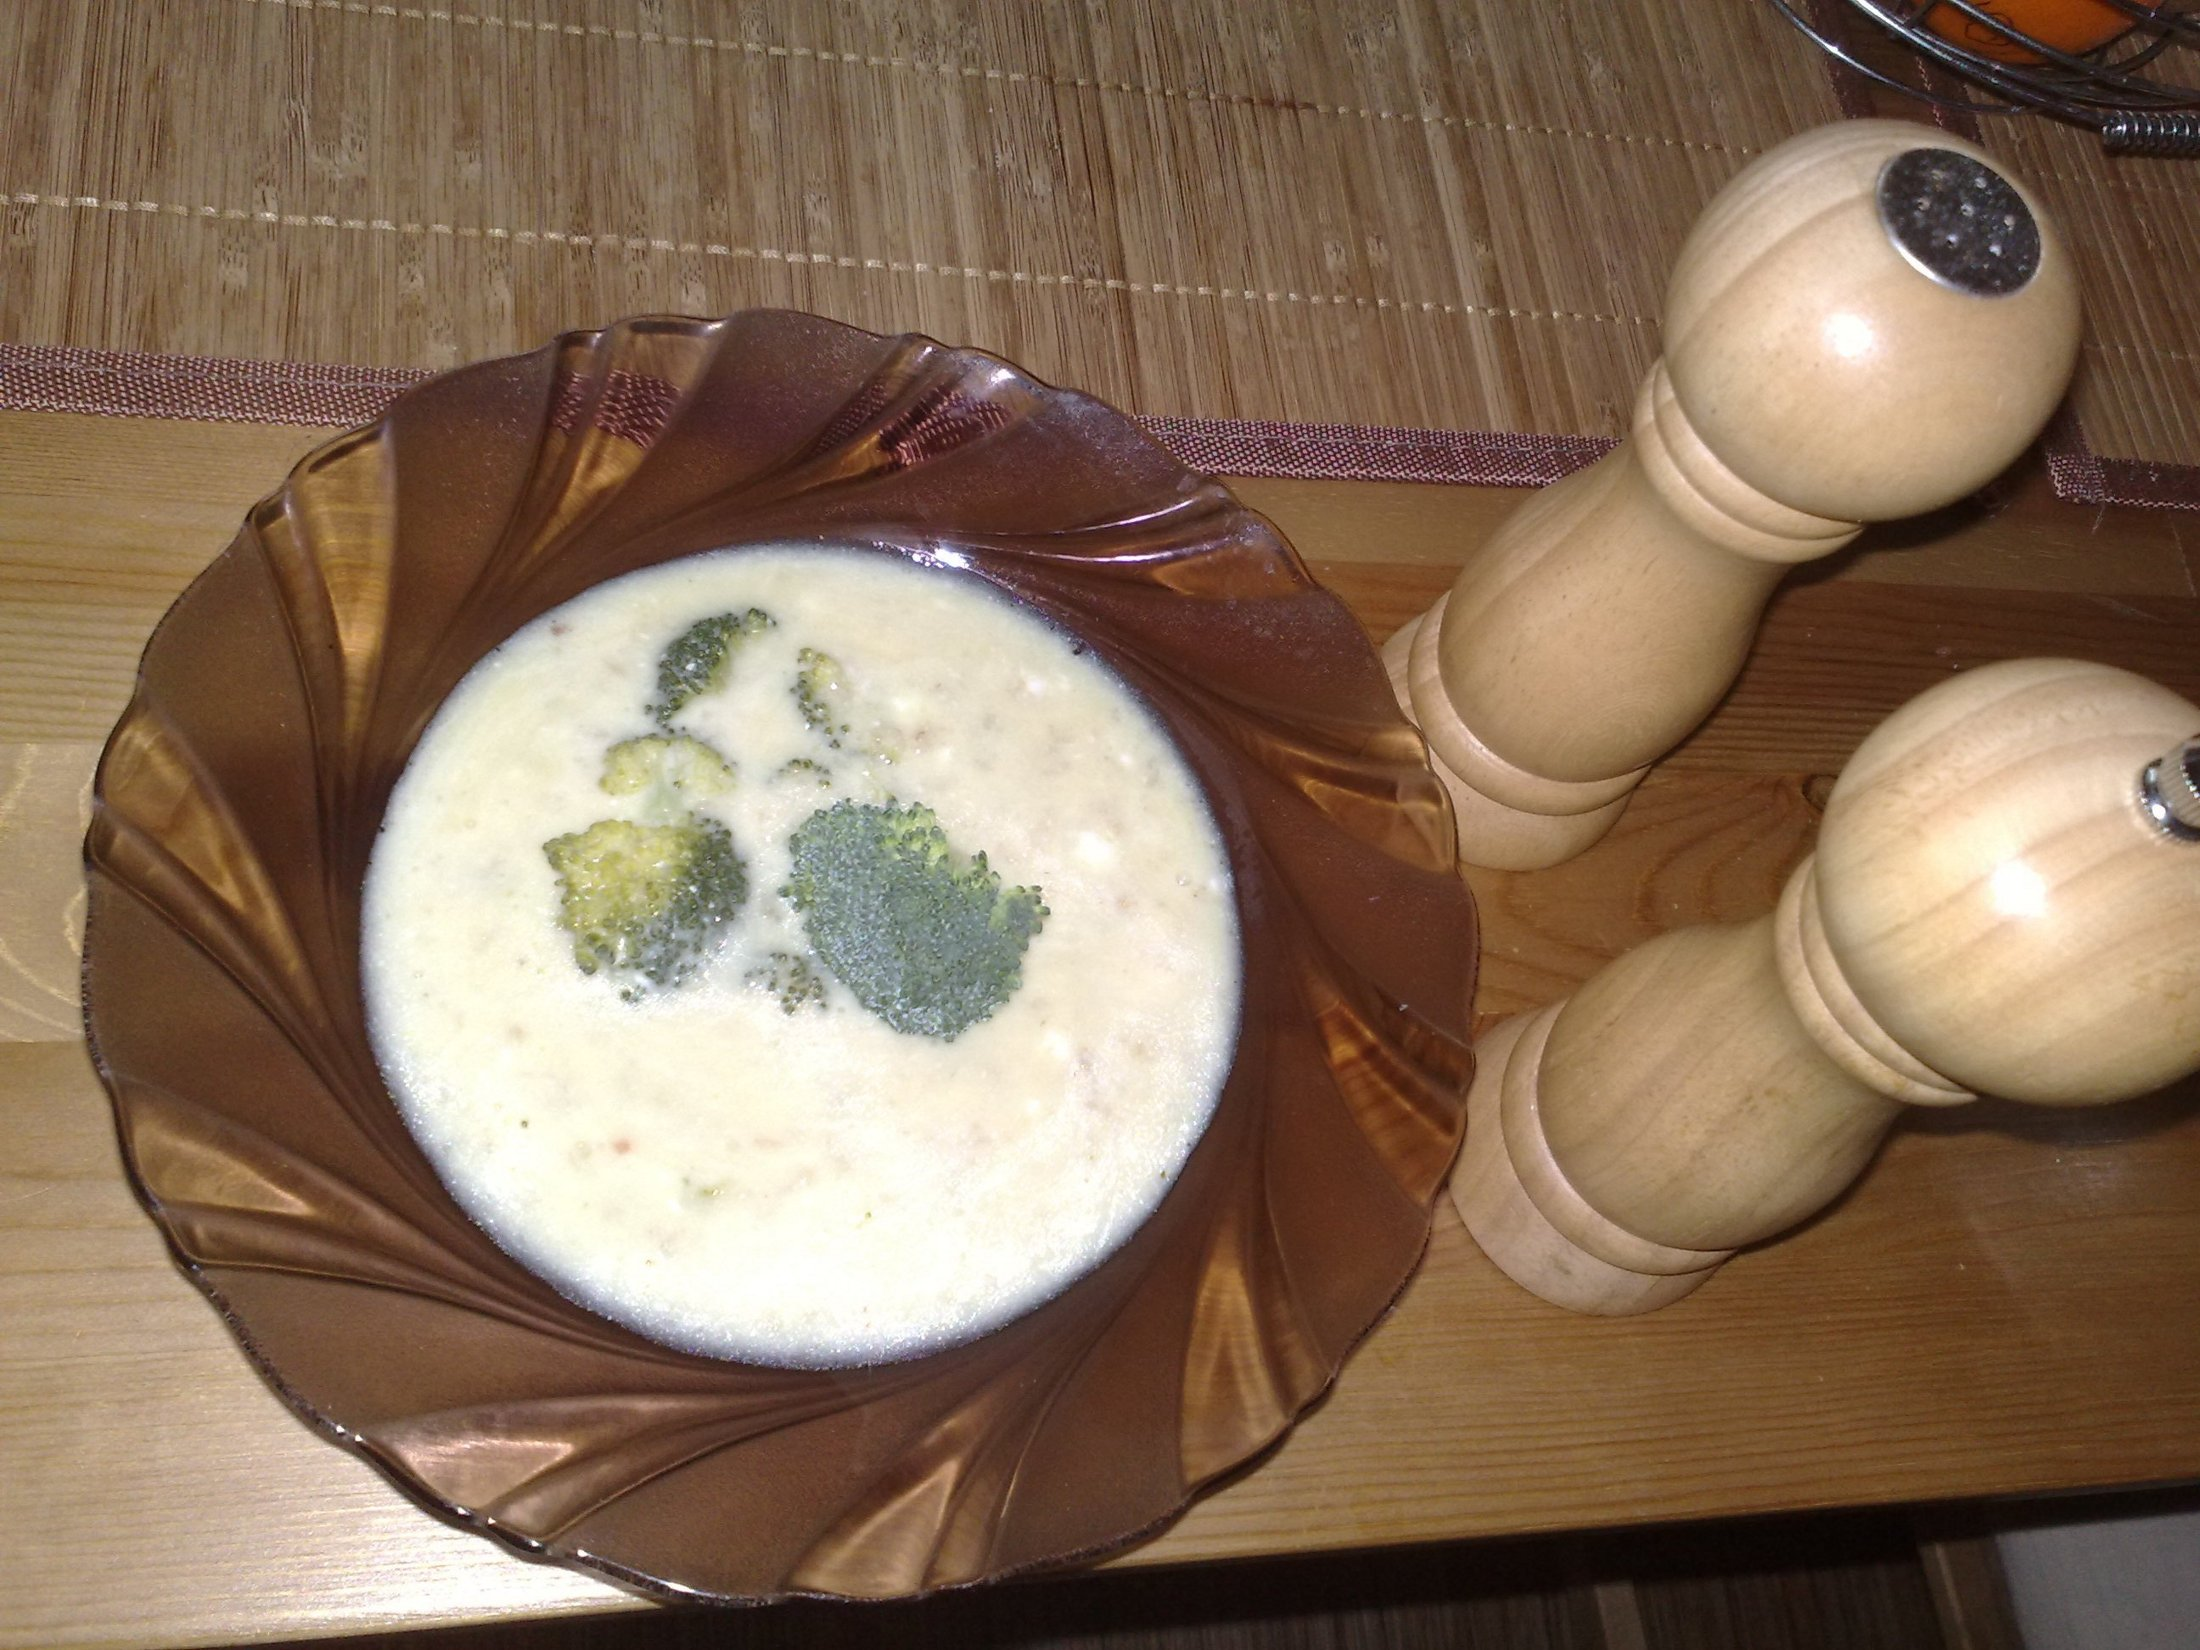 Recept Brokolicová polévka - Skvělá brokolicová polévka. Skvěle jsem si pochutnal.